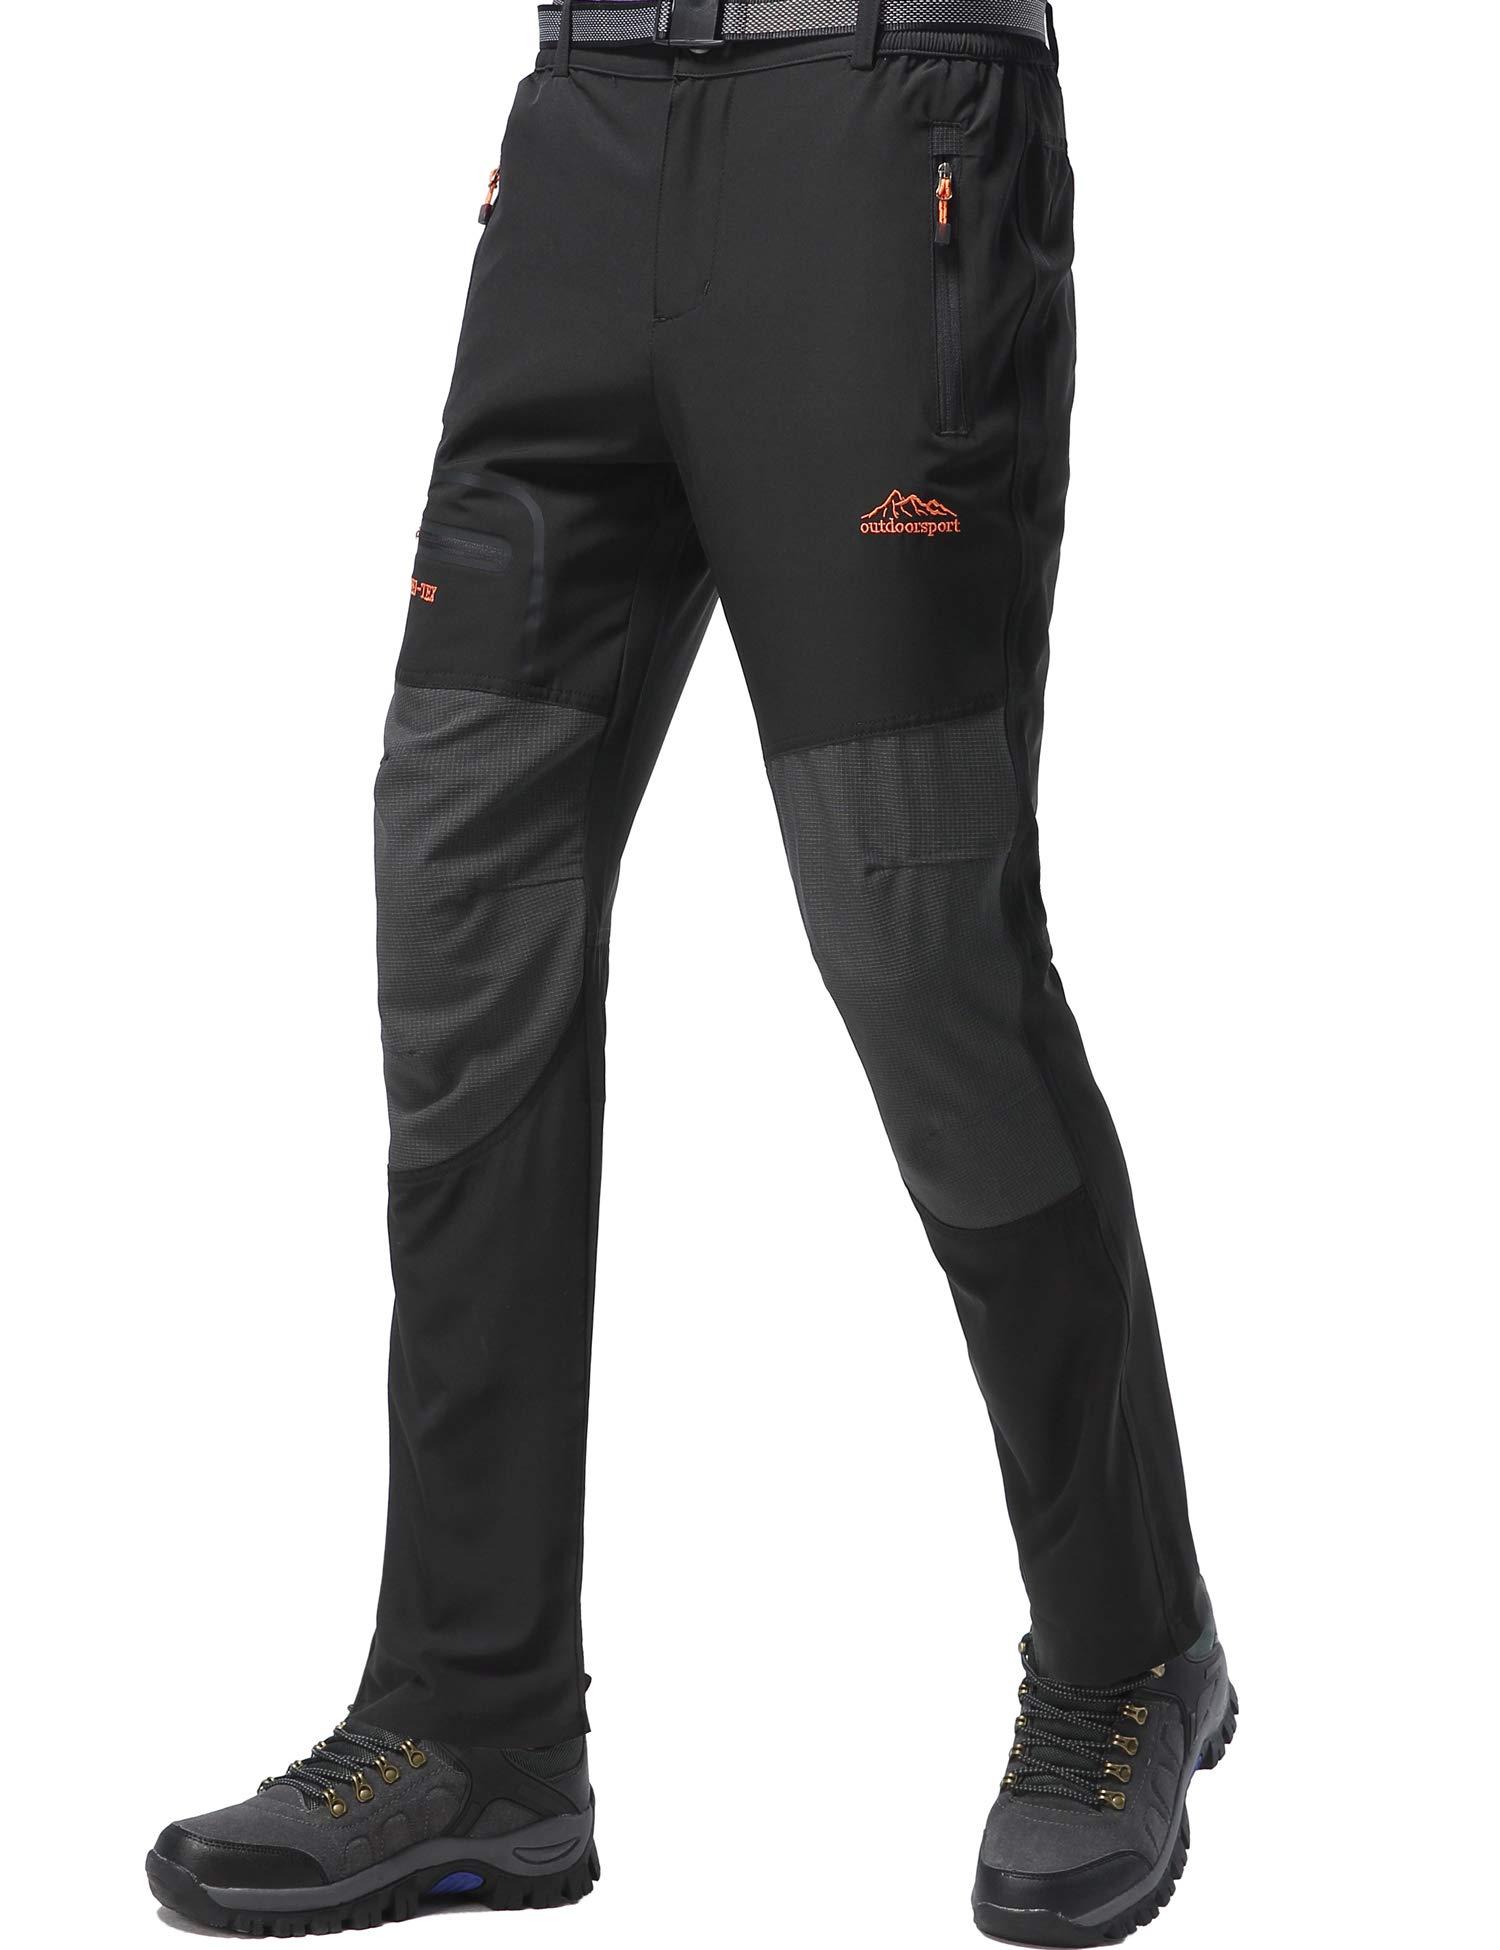 DAFENP Pantalon Randonnee Homme Imperméable Outdoor Ete Pantalon Trekking Softshell Séchage Rapide Leger Pantalon Montagne Camping